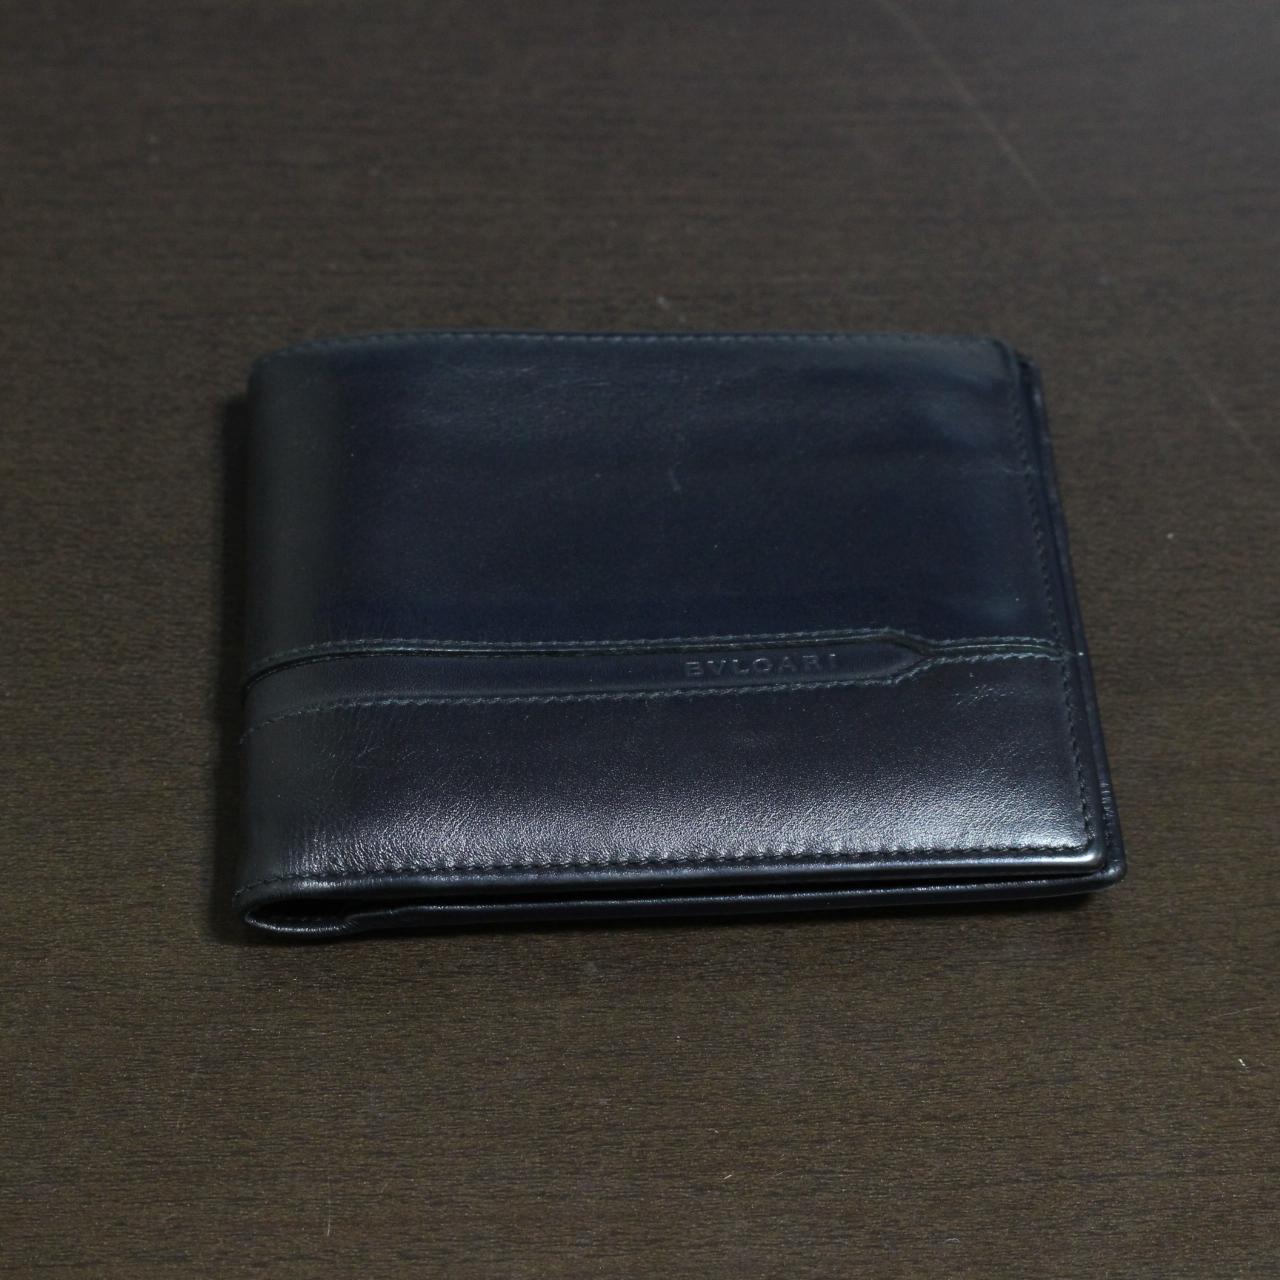 ブルガリ 二つ折り コンパクト財布 ブラック